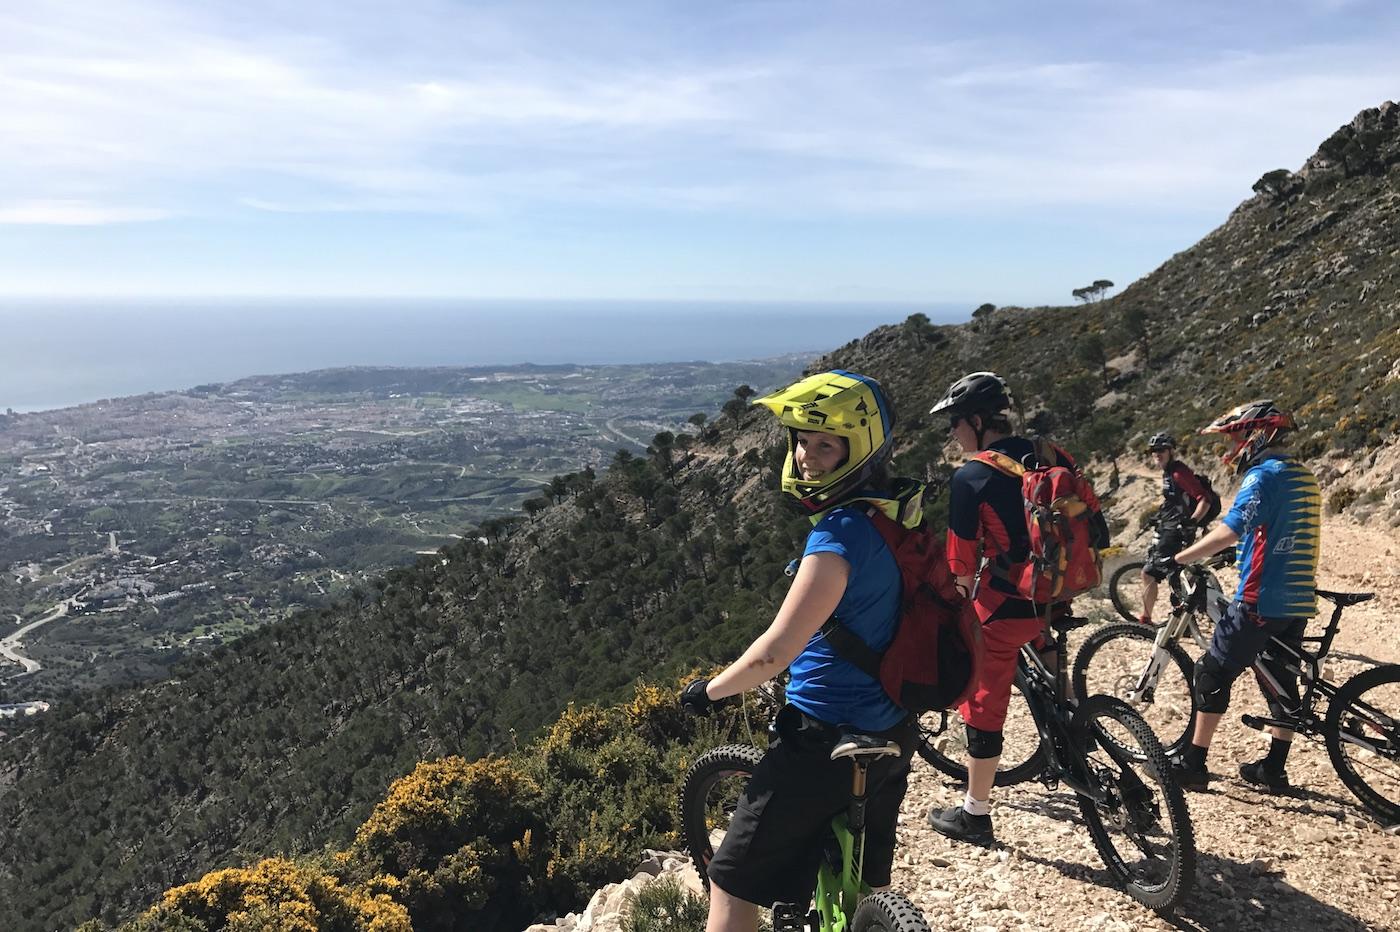 Det er lettere å øve på fart og terpe teknikk når det er bart og tørt enn snølagt og sleipt, sier enduro-blogger Alice Grindheim, som har vært på sin første Syden-samling. Foto: Matea Deliu